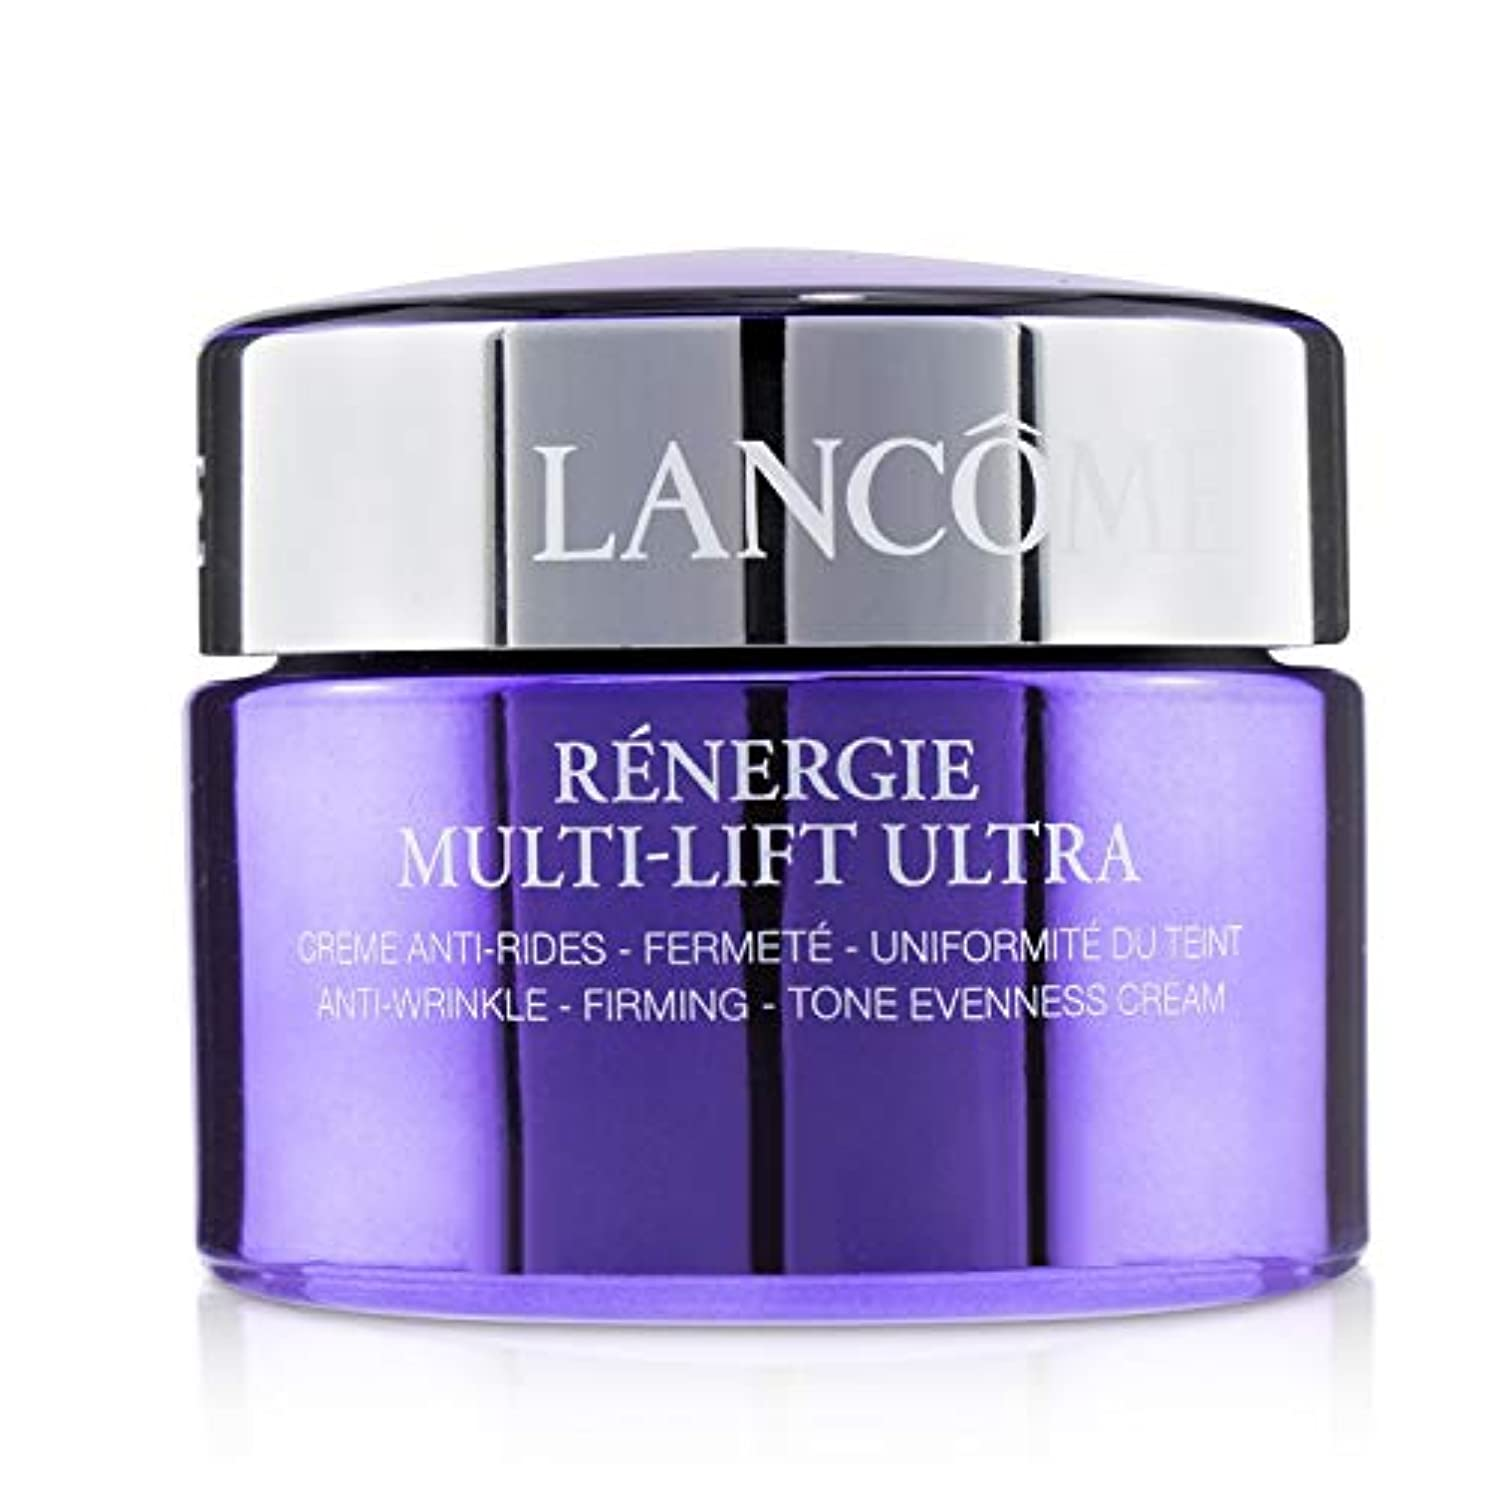 支払うもろい飾り羽ランコム Renergie Multi-Lift Ultra Anti-Wrinkle, Firming & Tone Evenness Cream 50ml/1.7oz並行輸入品